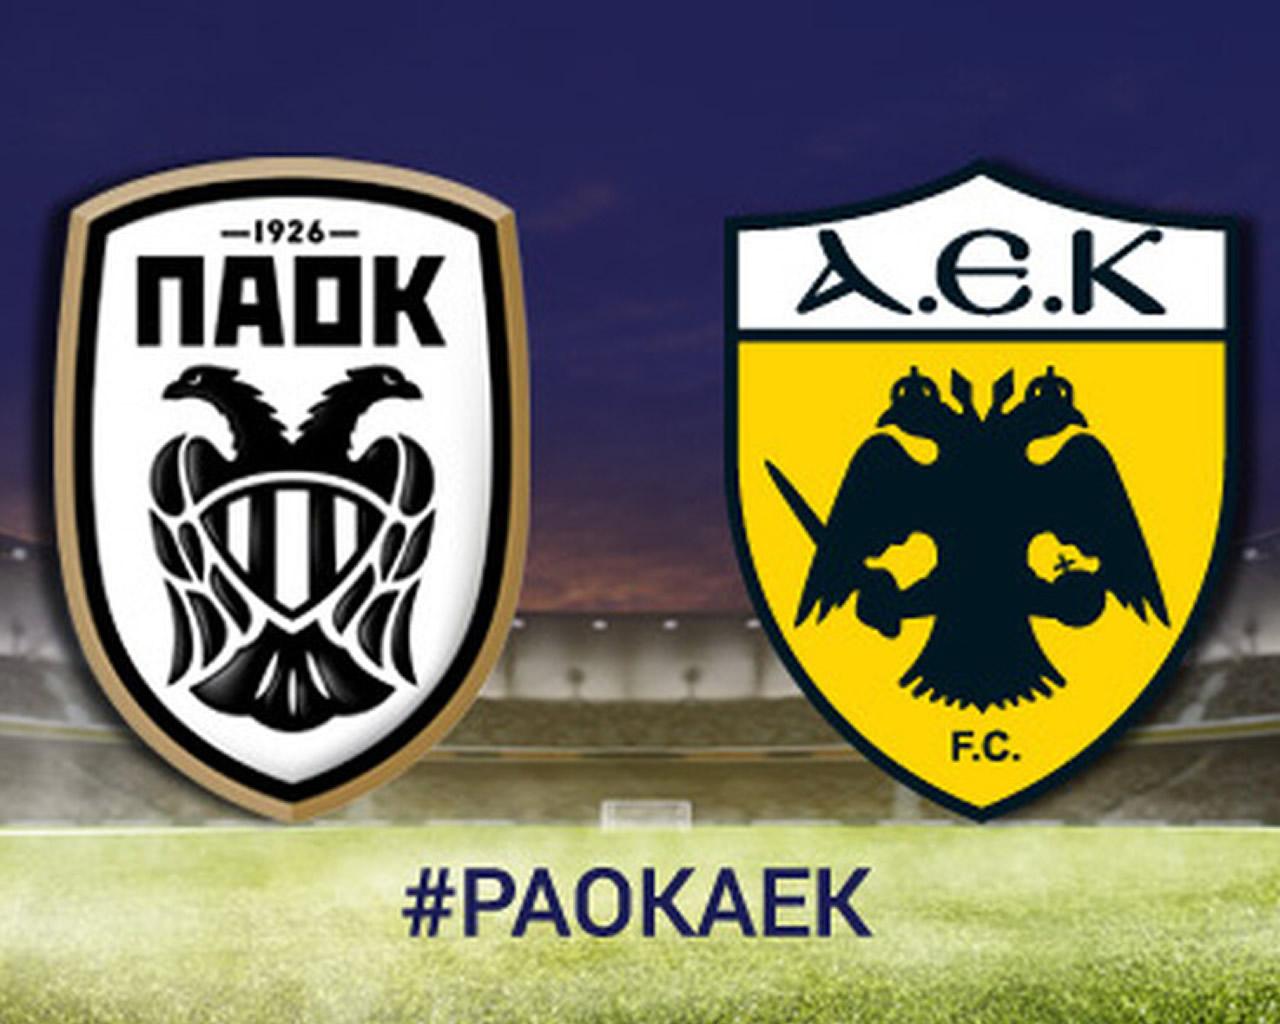 paok aek live streaming edo to nterbi ton play offs